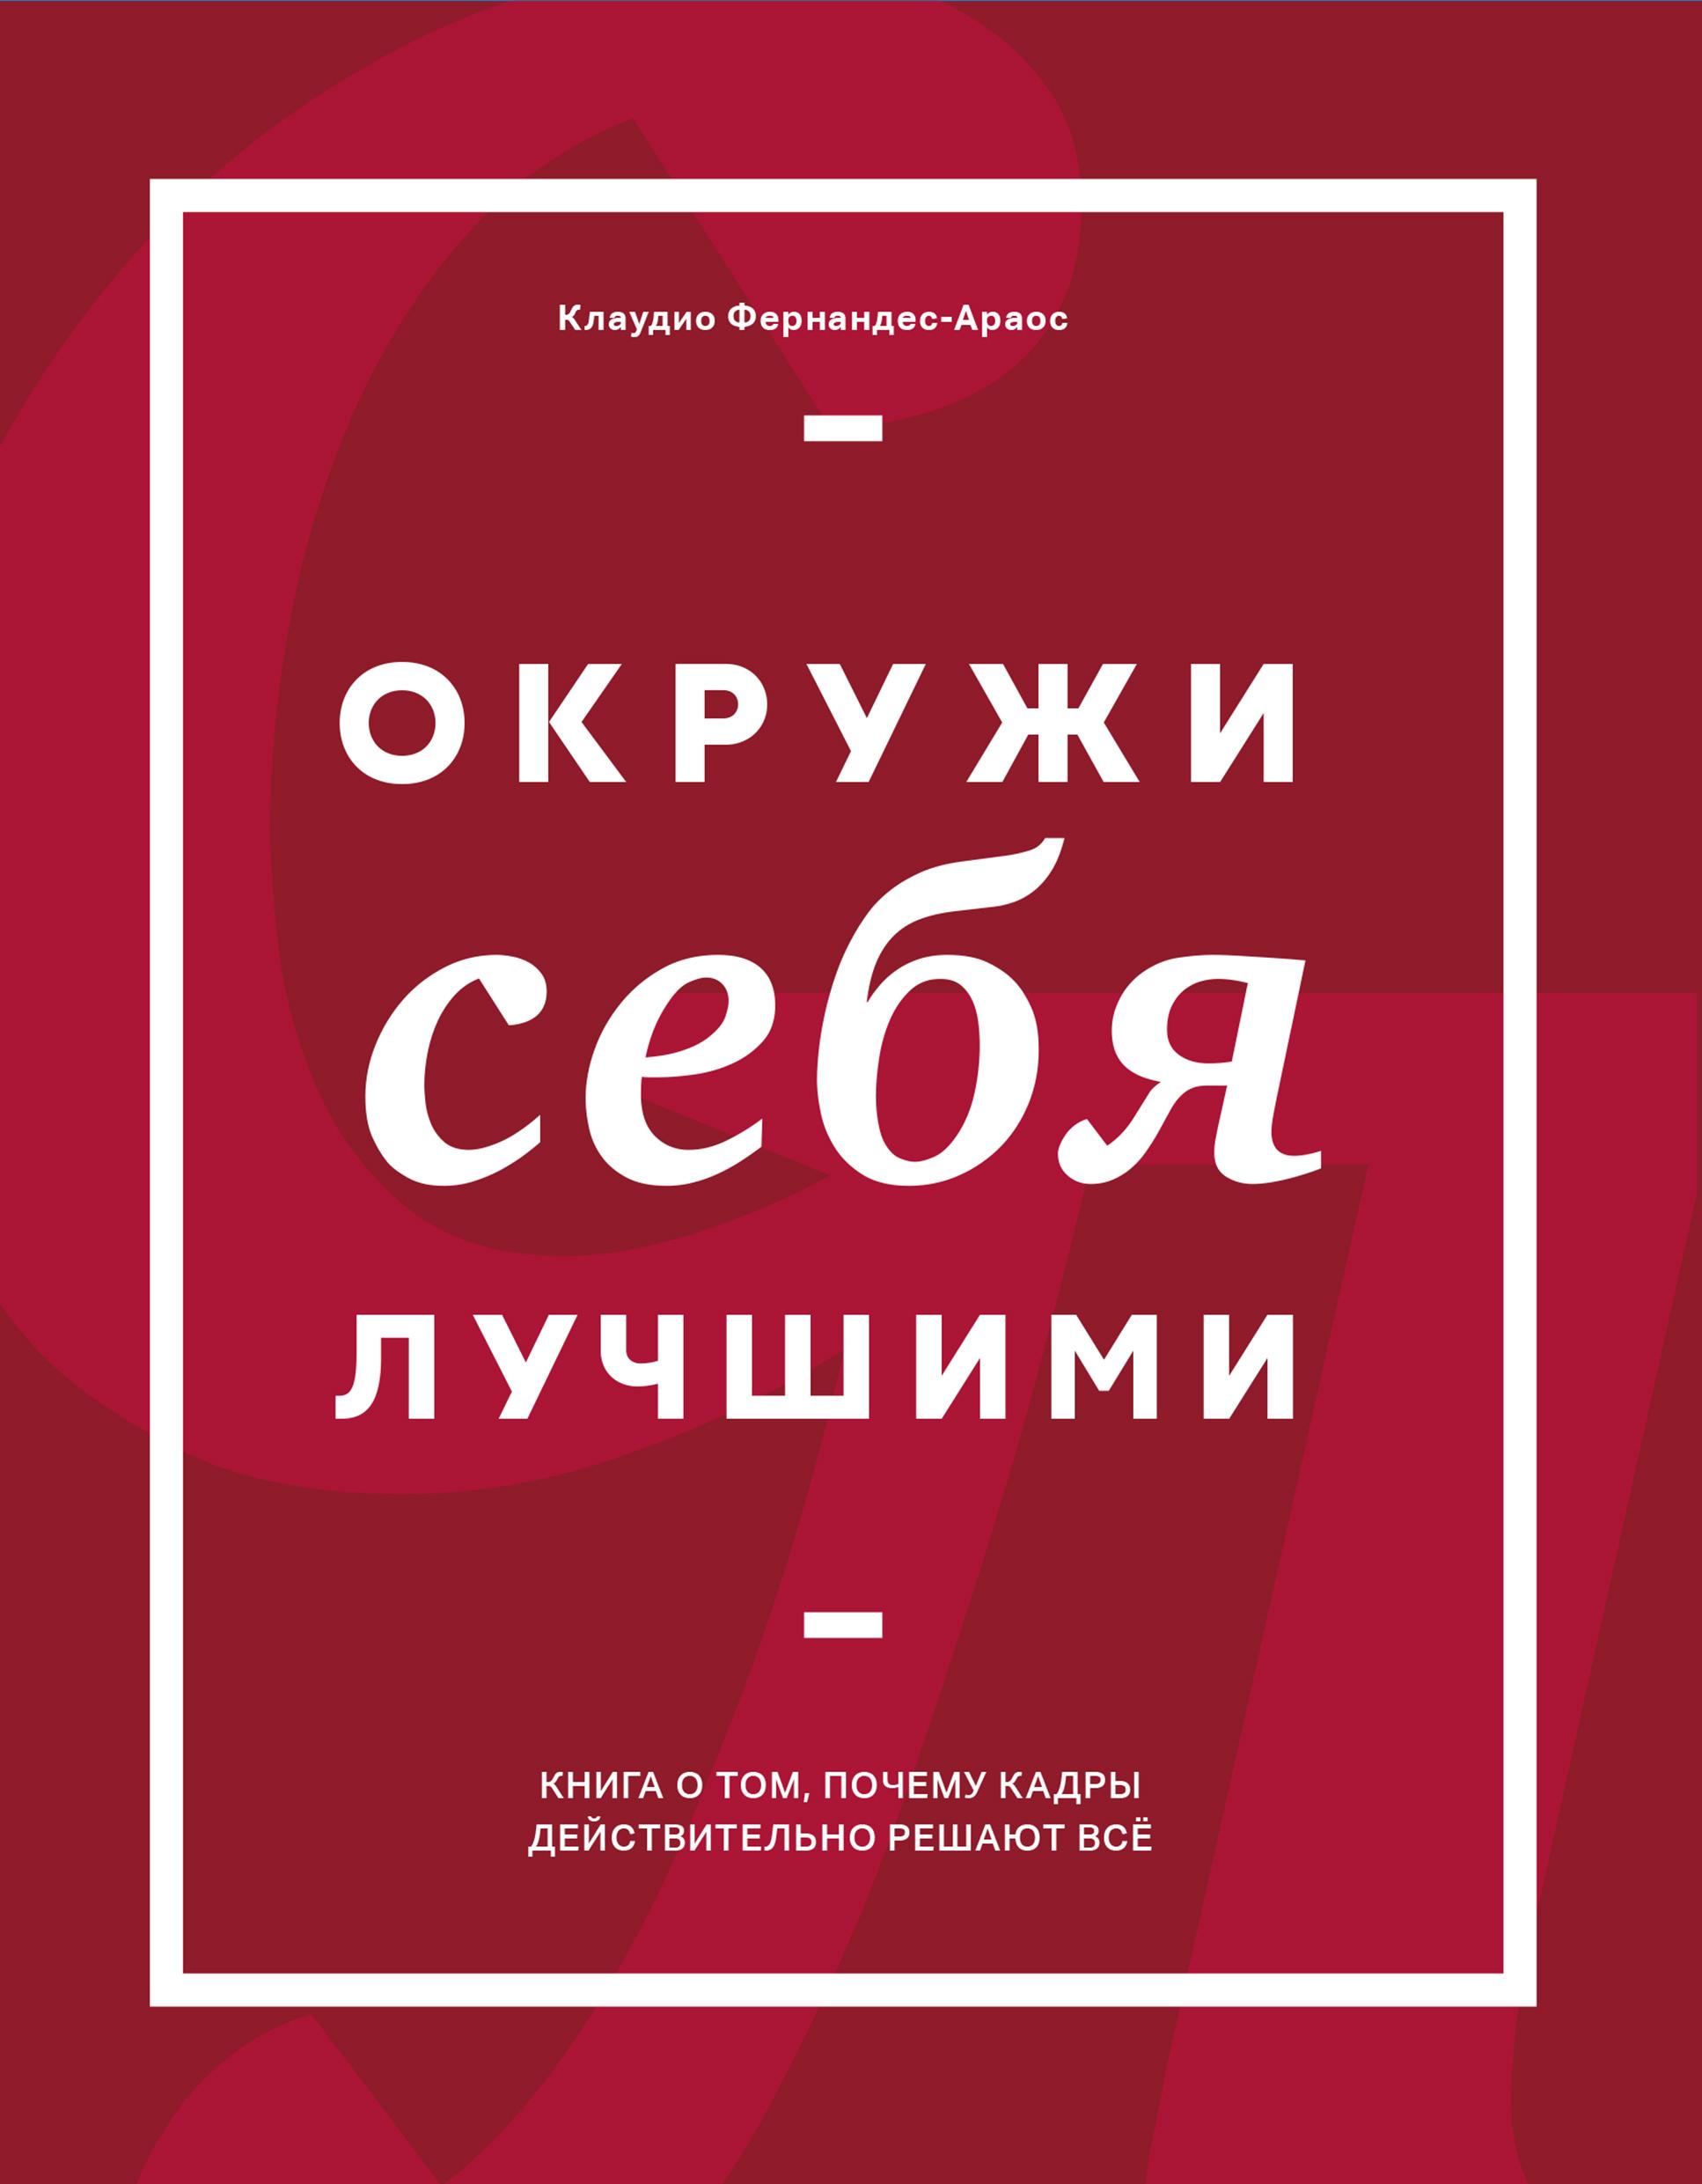 Окружи себя лучшими от book24.ru